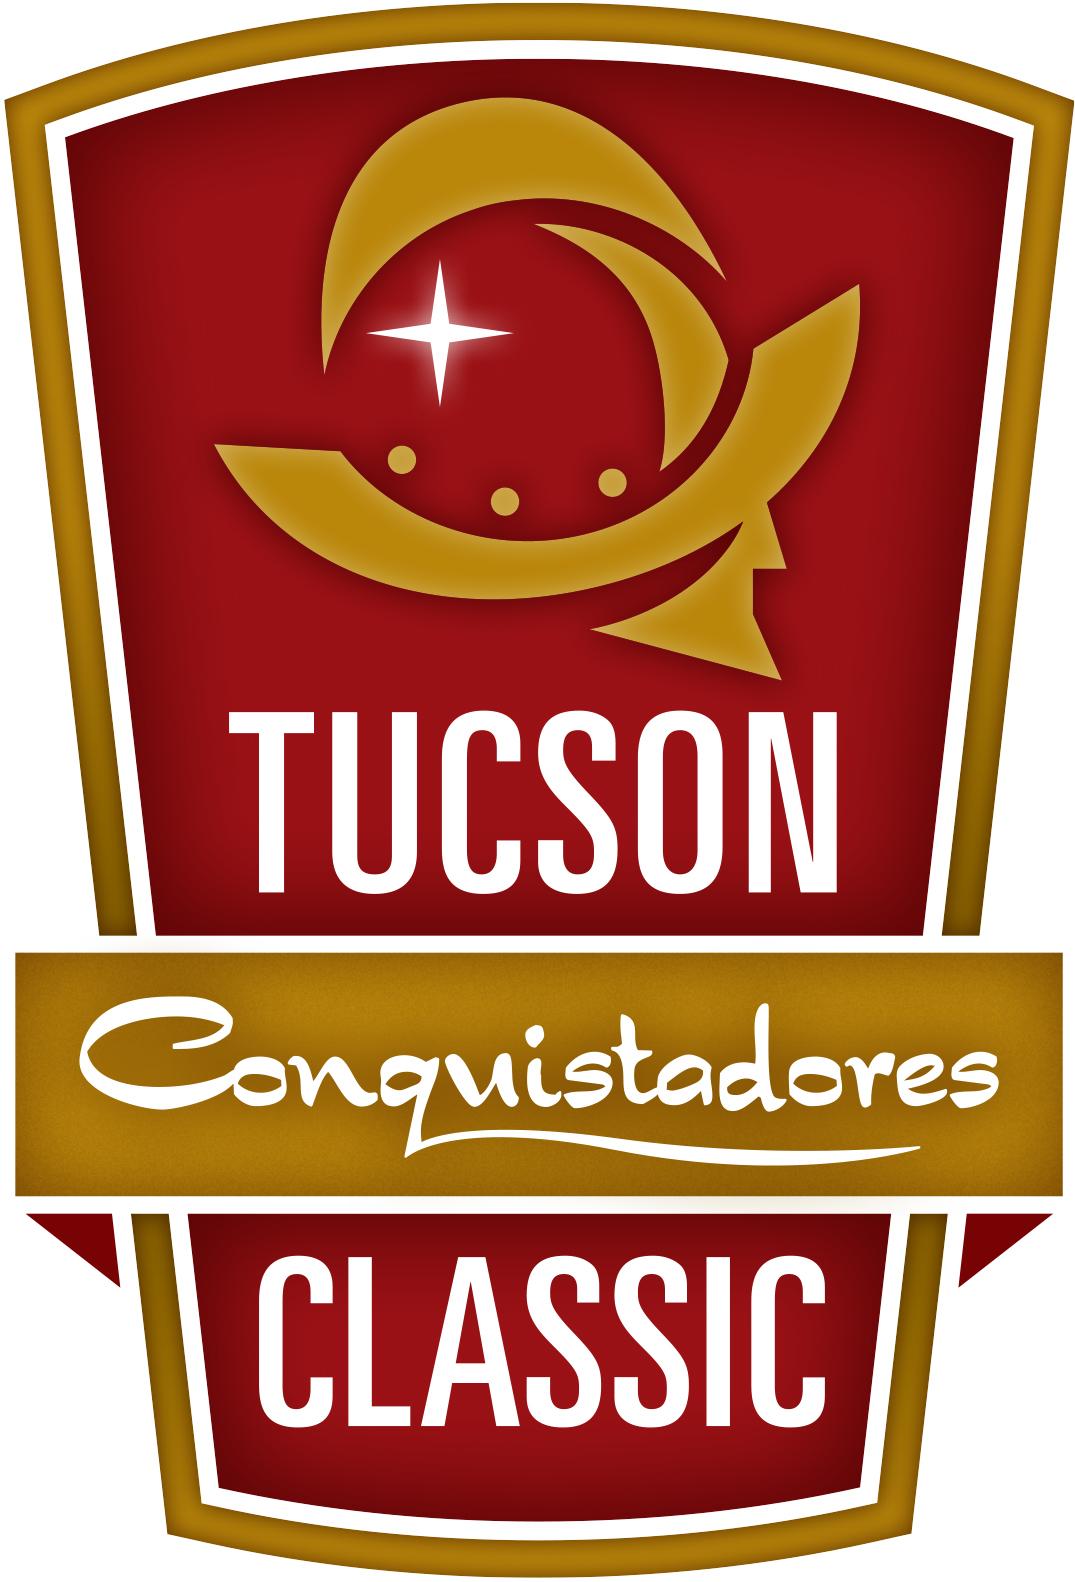 Tucson Conquistadores Classic